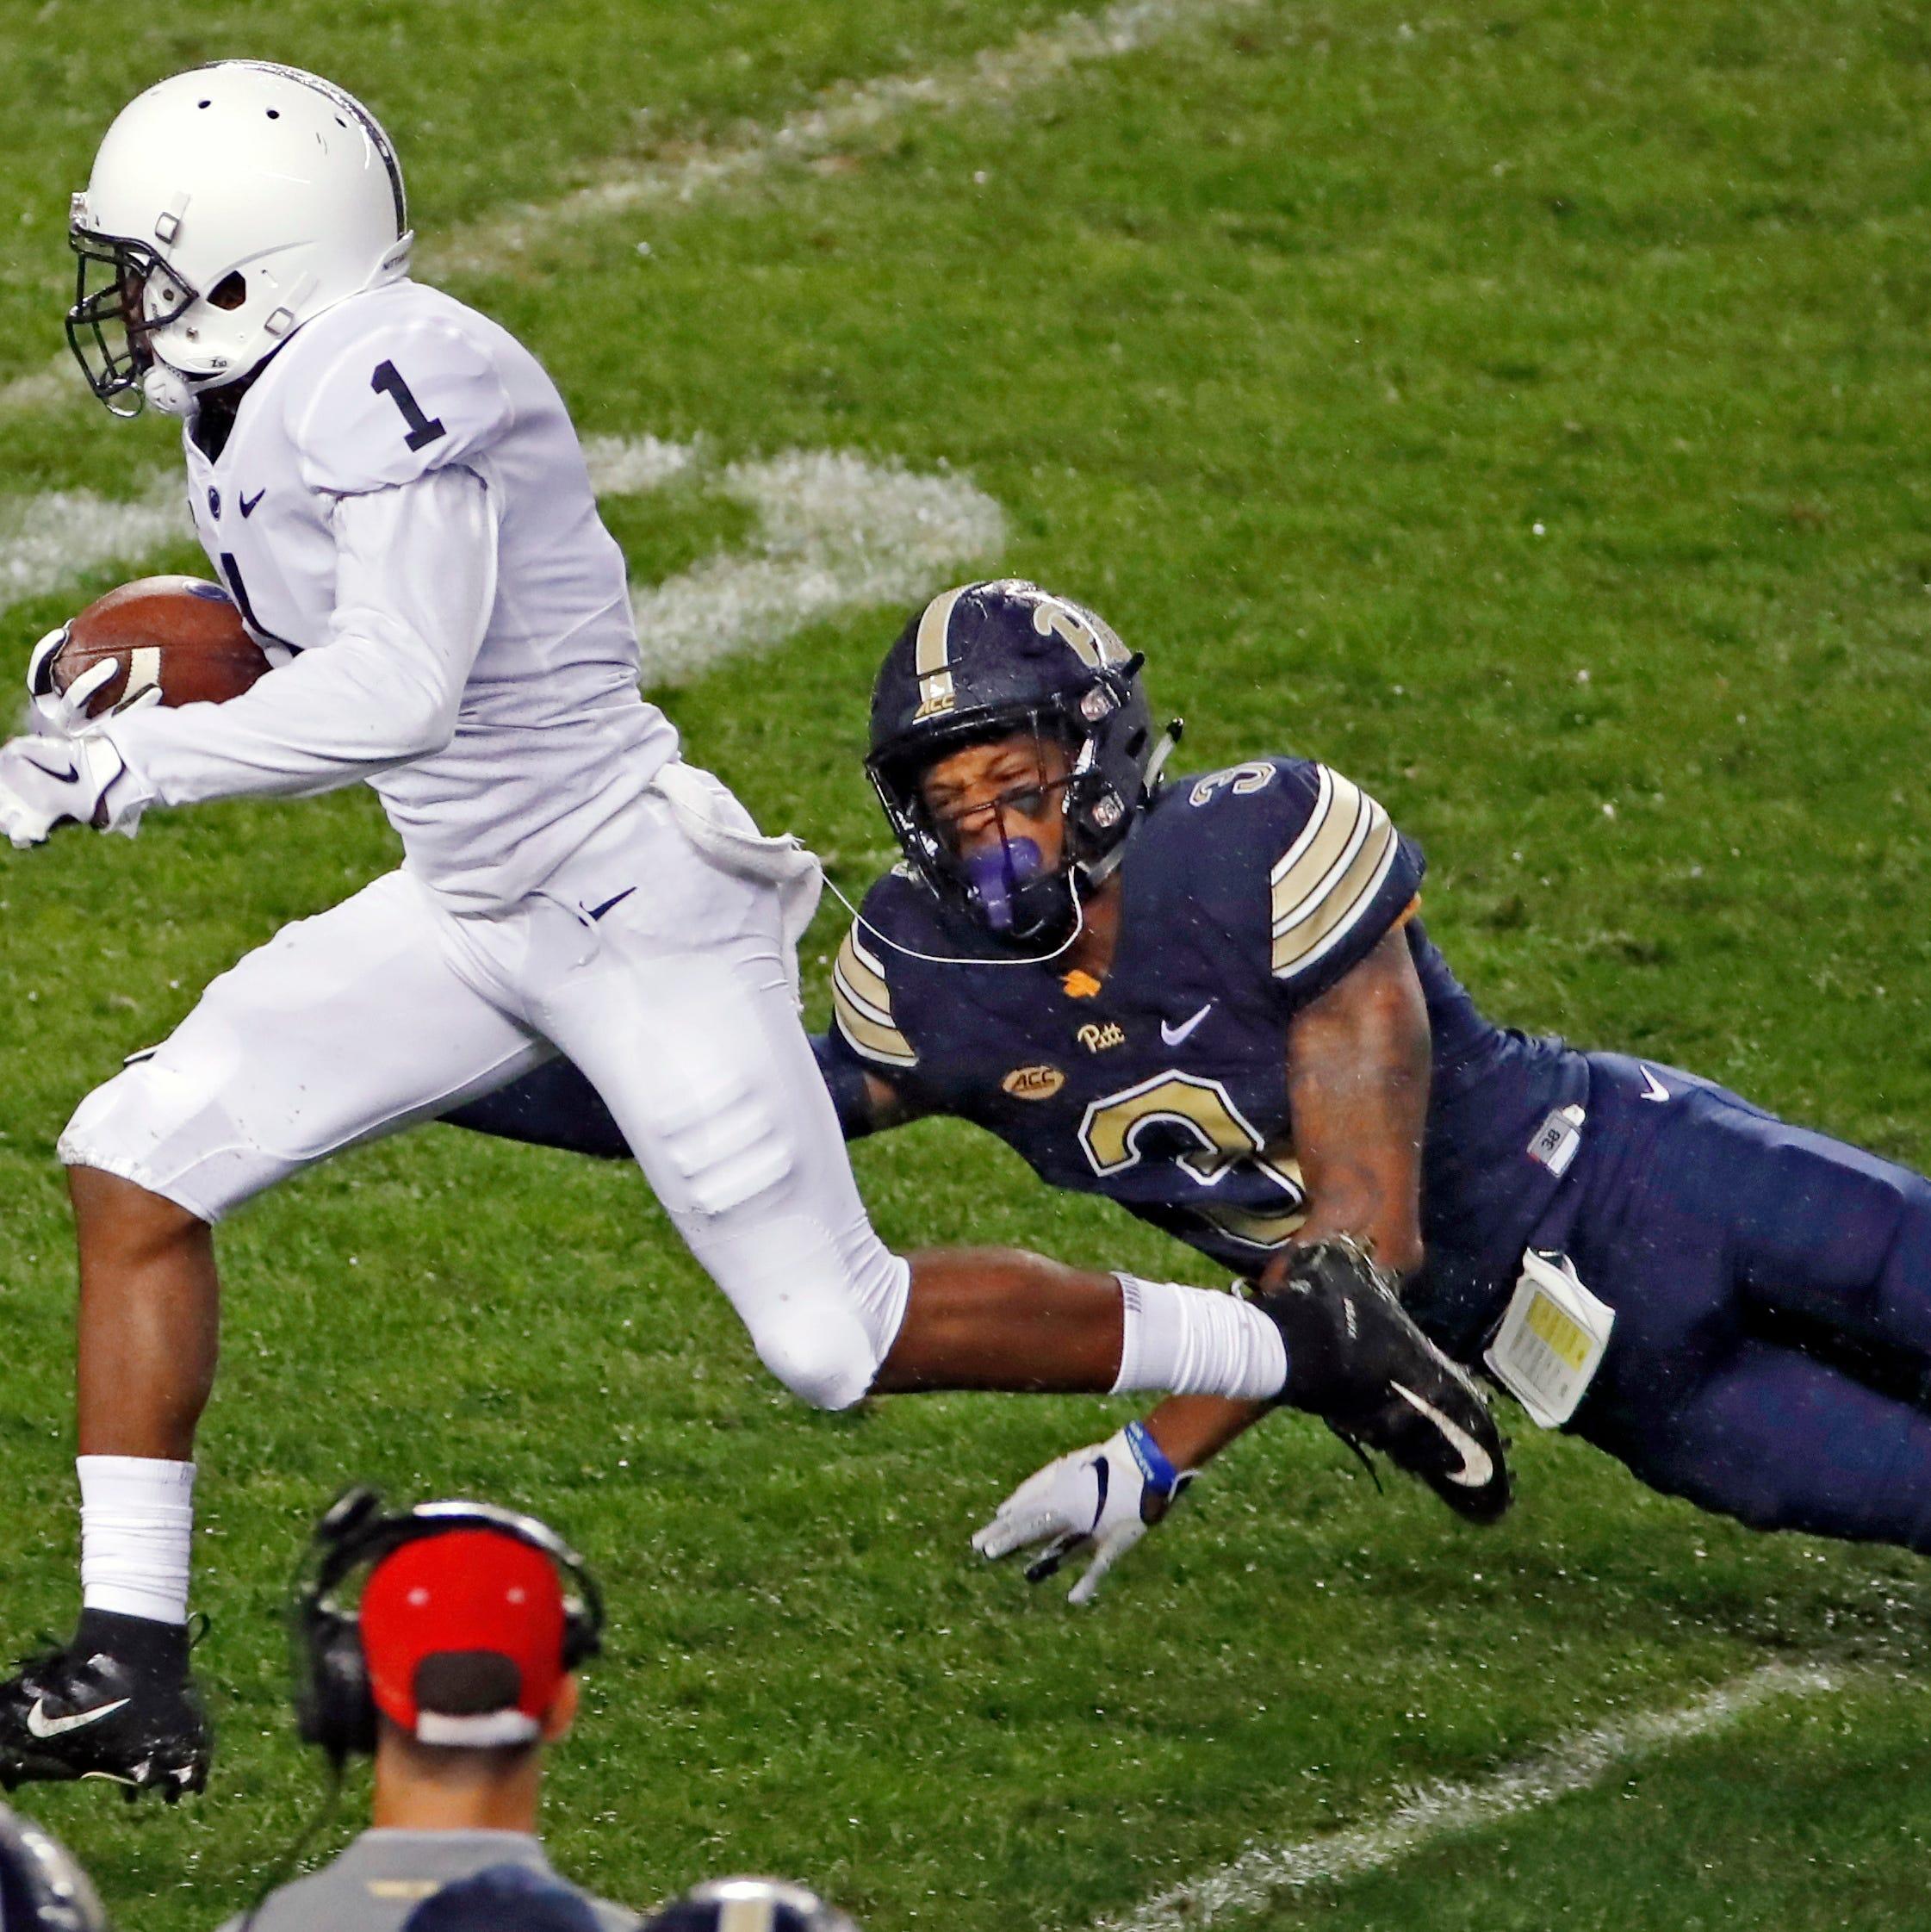 KJ Hamler ignites the night as Penn State pounds Pitt in the rain